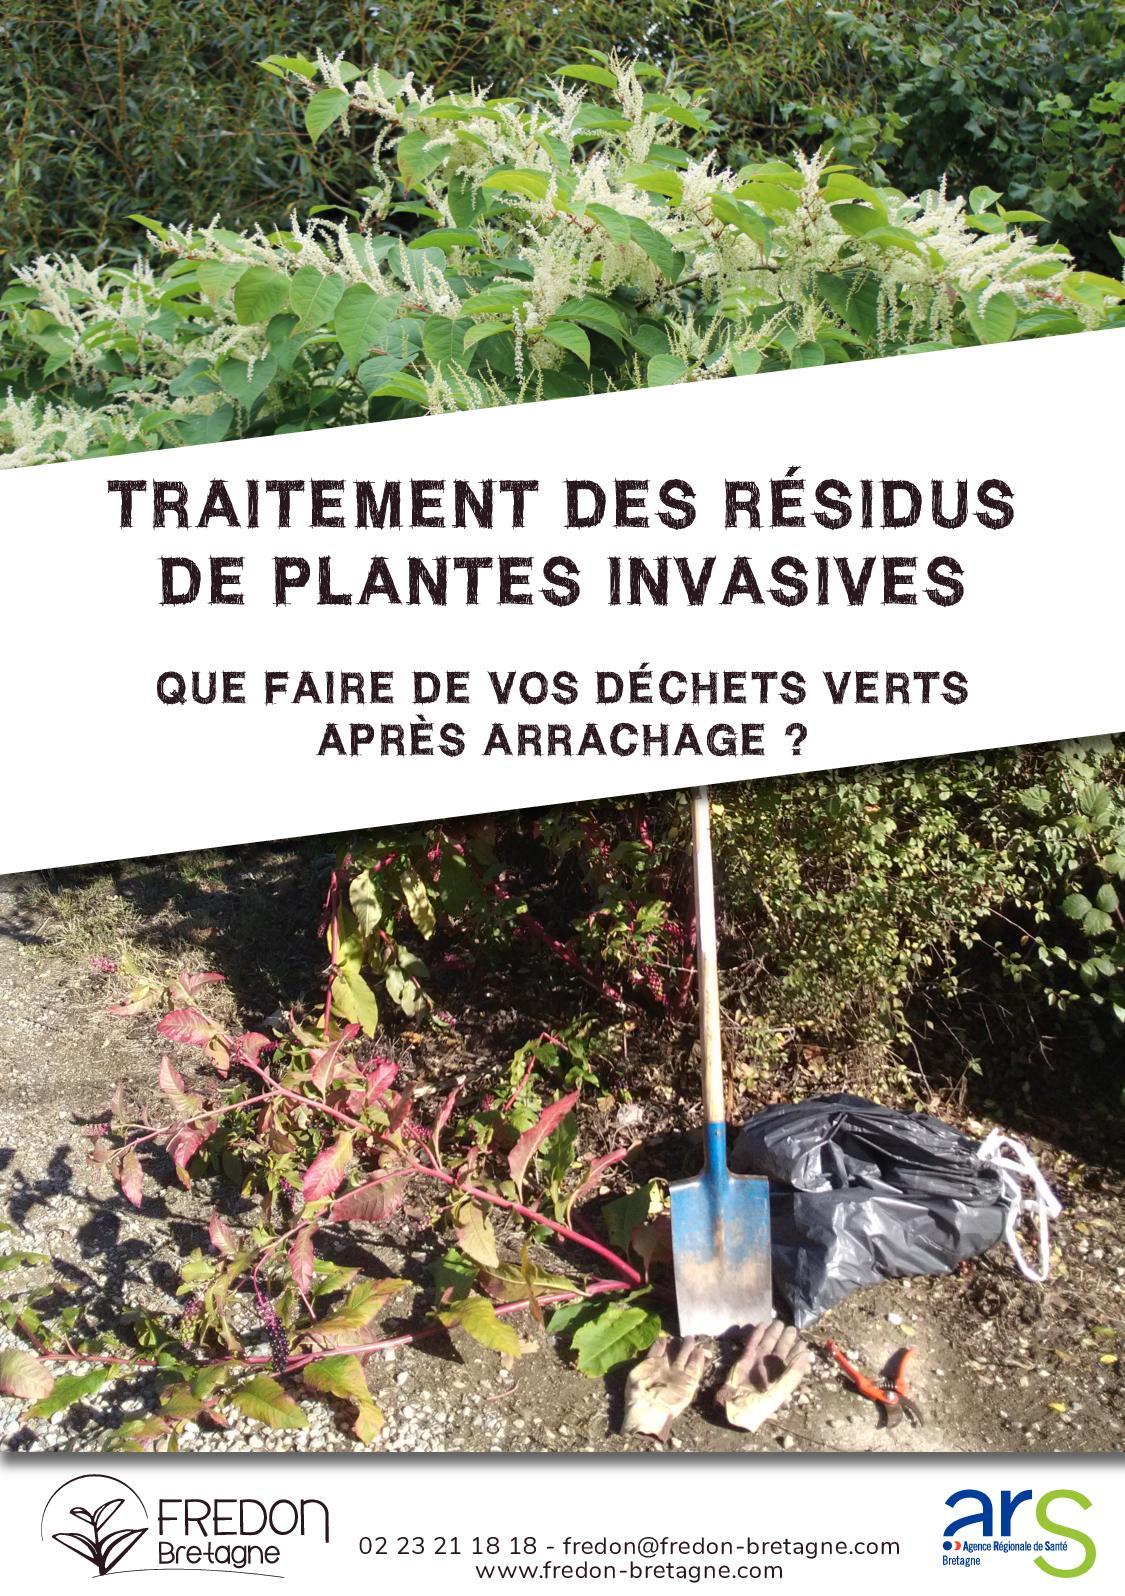 Calaméo - Traitement des résidus de plantes invasives